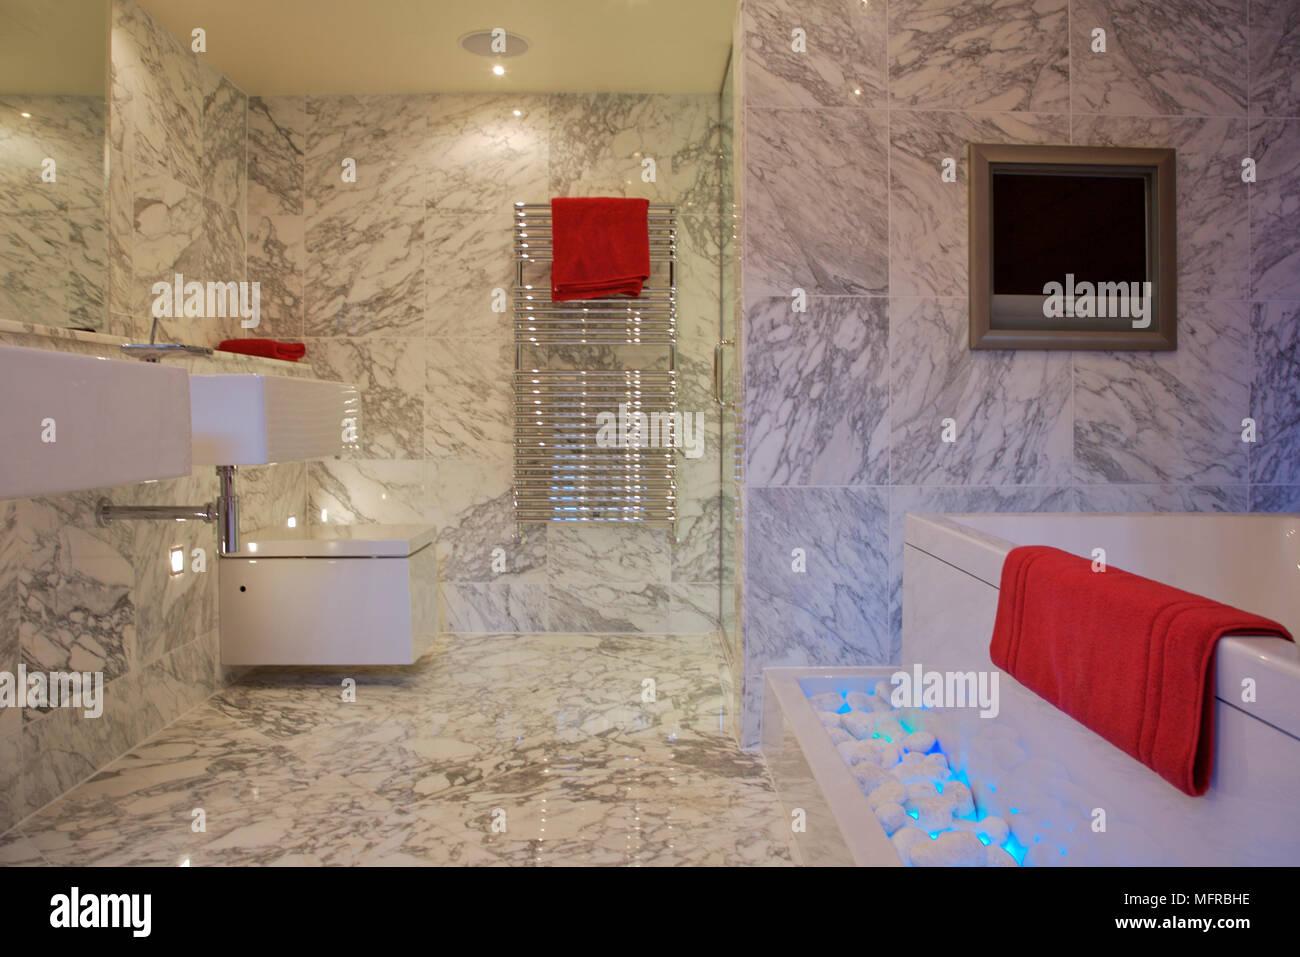 Bagno con pavimenti in marmo e pareti foto immagine stock